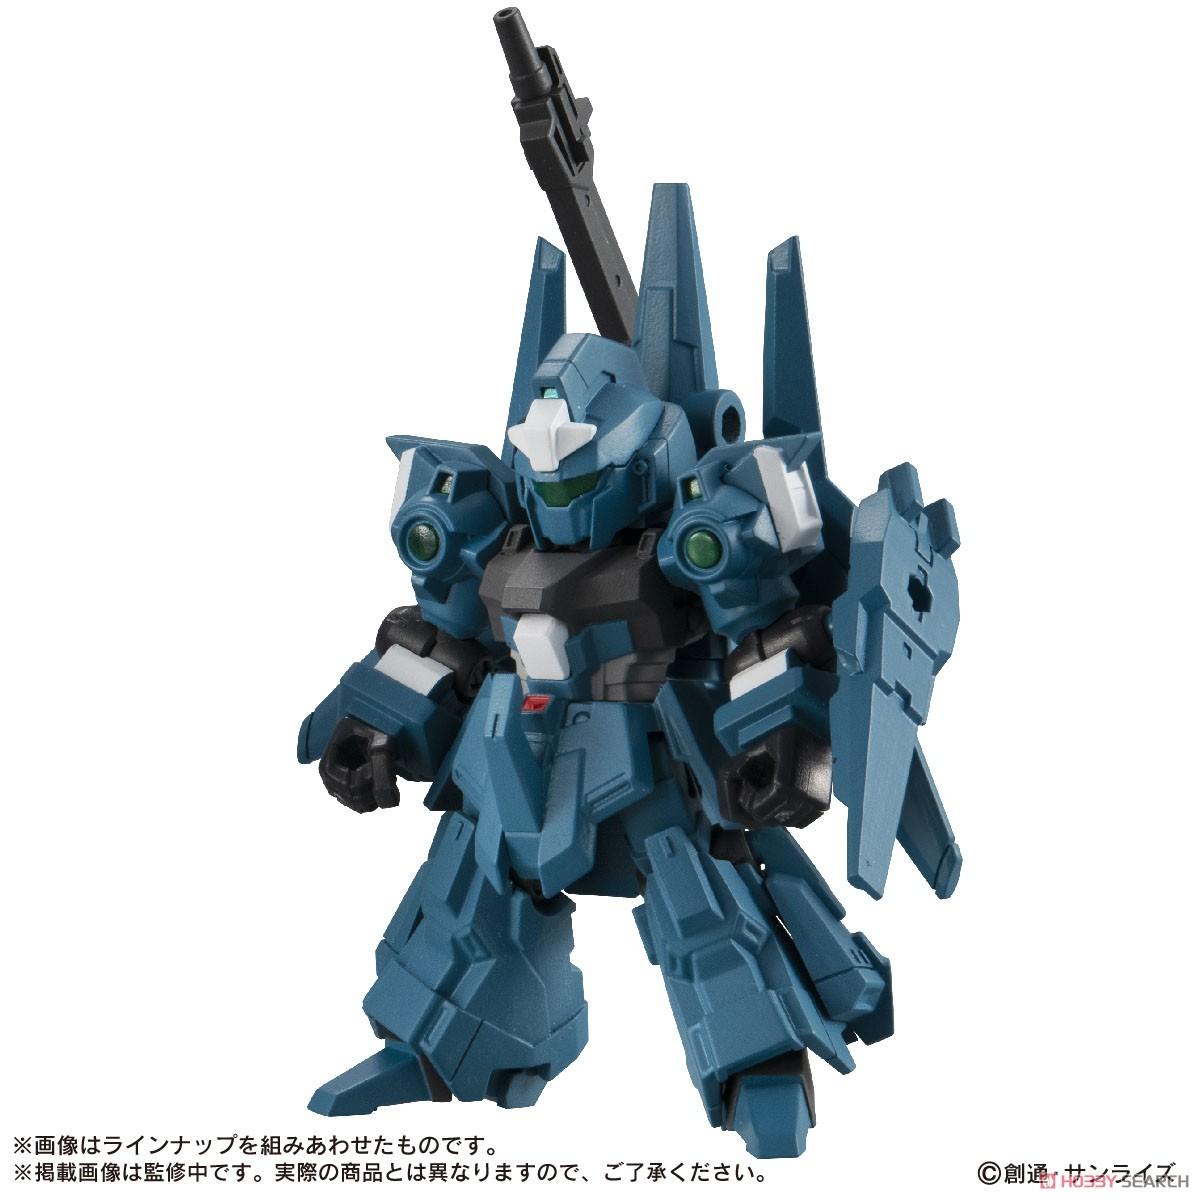 機動戦士ガンダム『MOBILE SUIT ENSEMBLE15』デフォルメ可動フィギュア 10個入りBOX-008